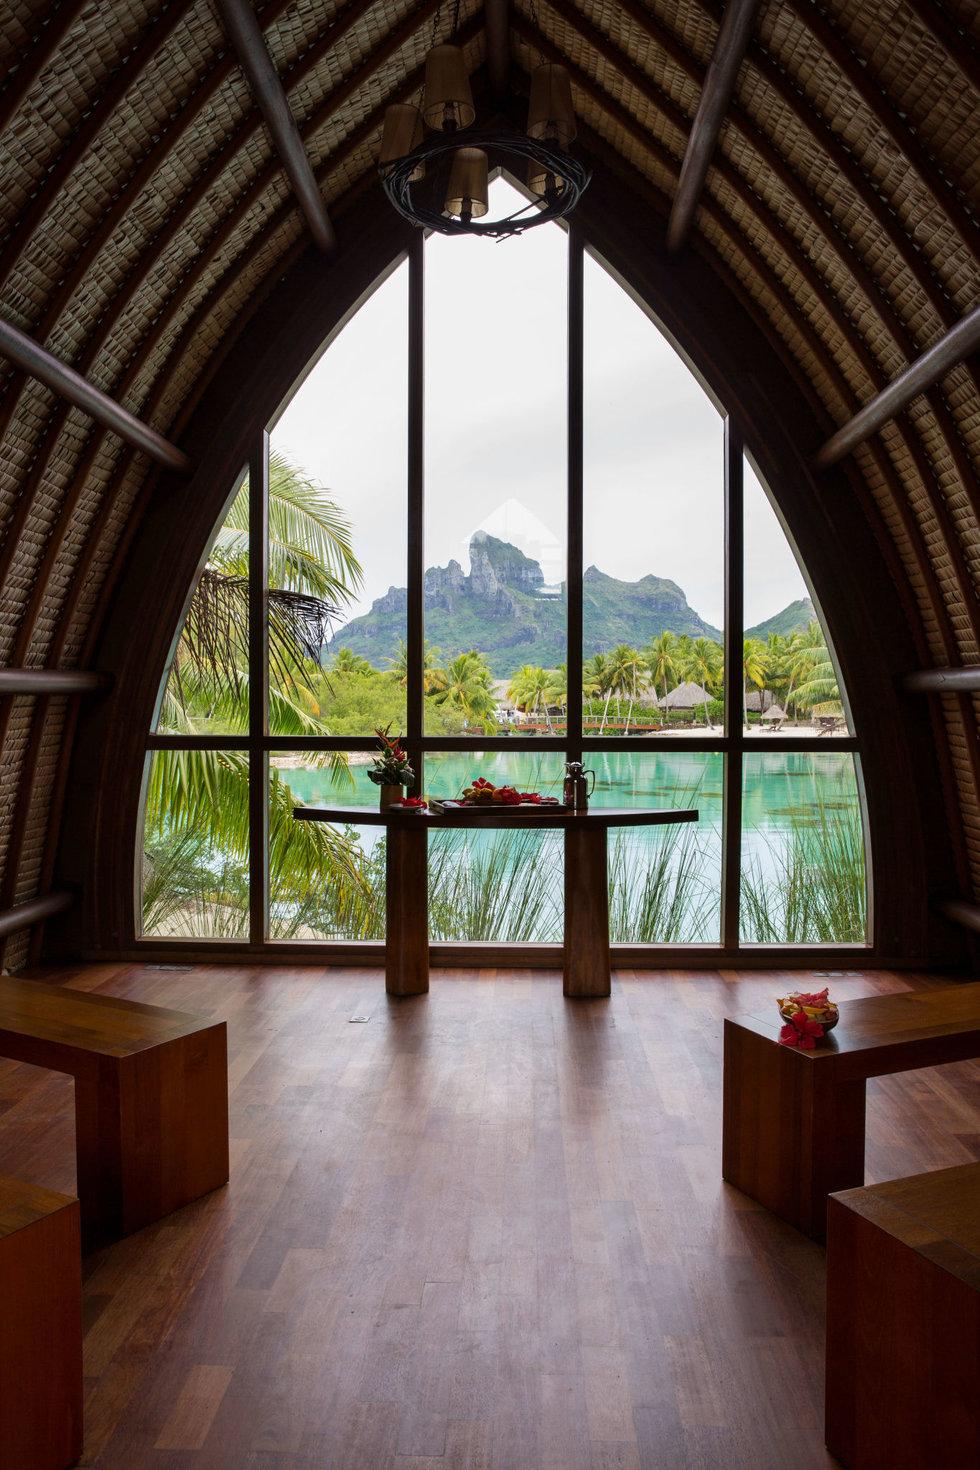 Bora Bora's main island, seen from the chapel at the Four Seasons